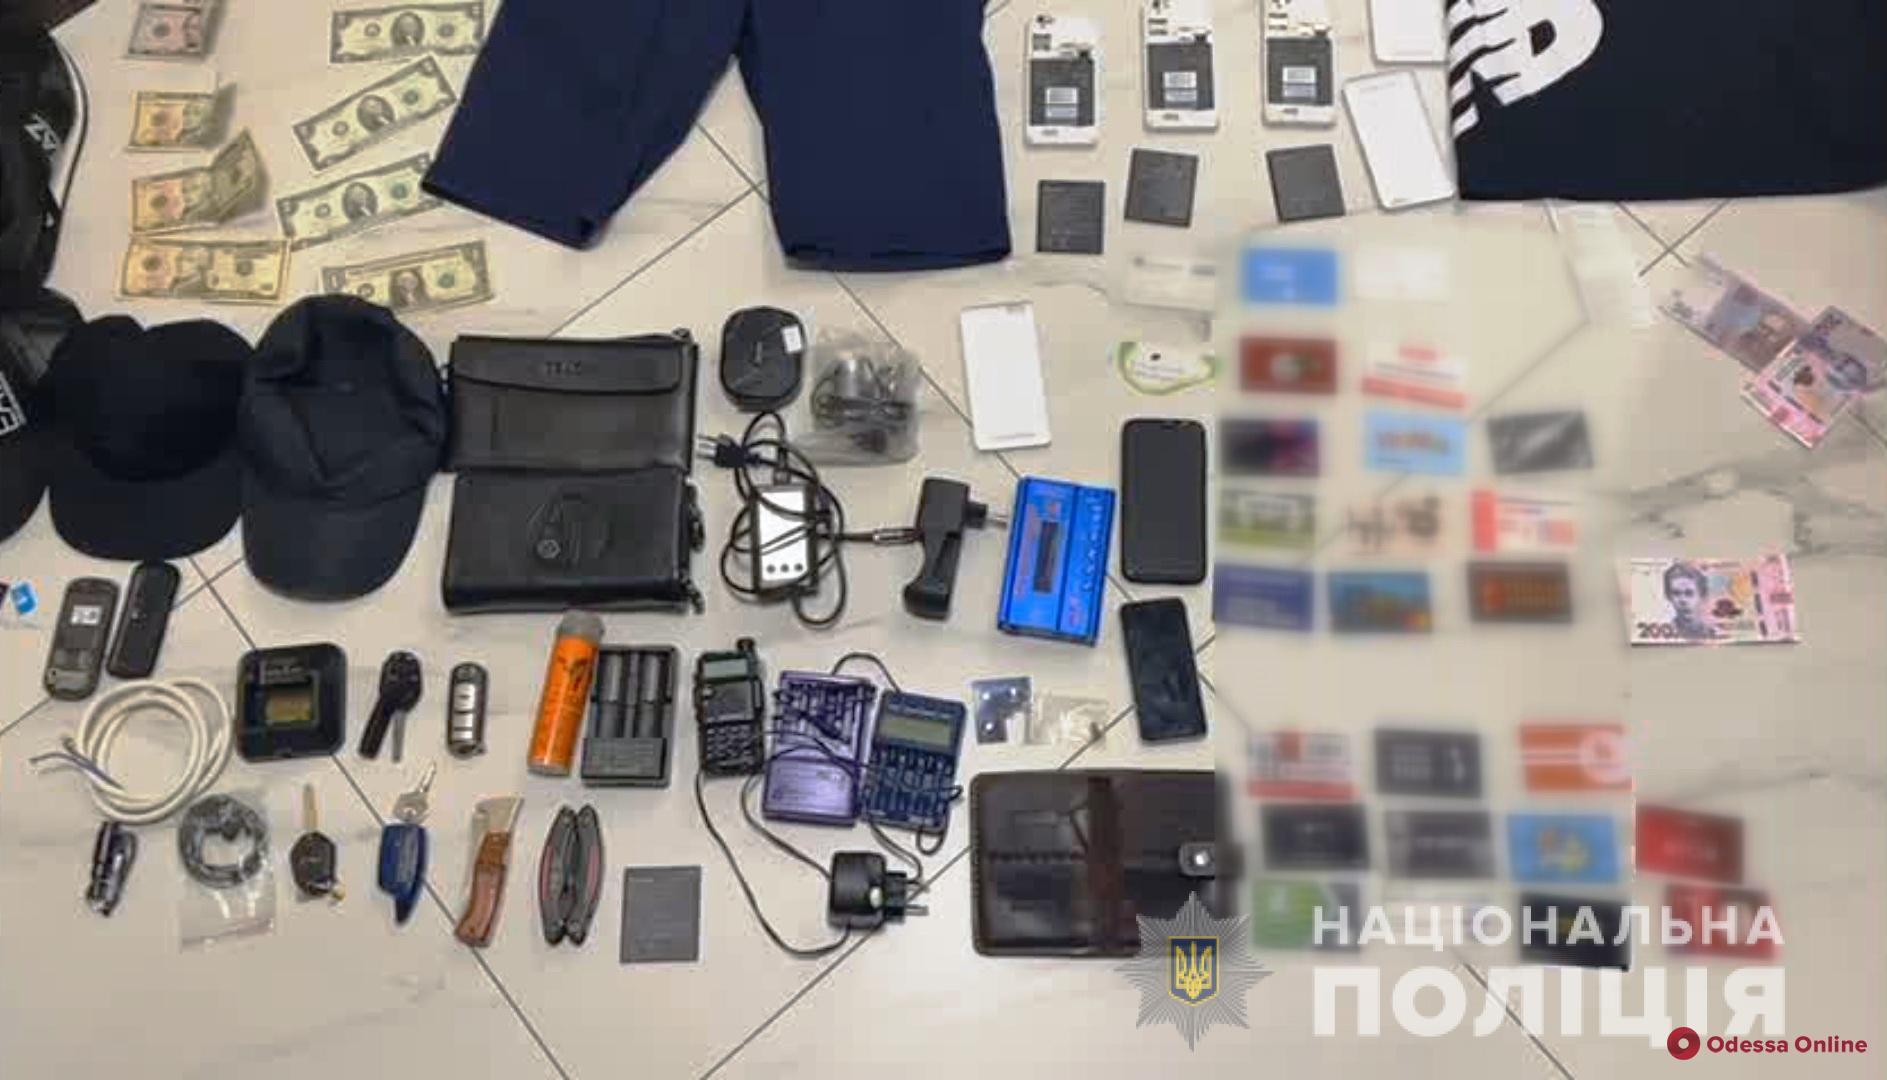 На Киевском шоссе трое гастролеров украли из машины одессита 300 тысяч